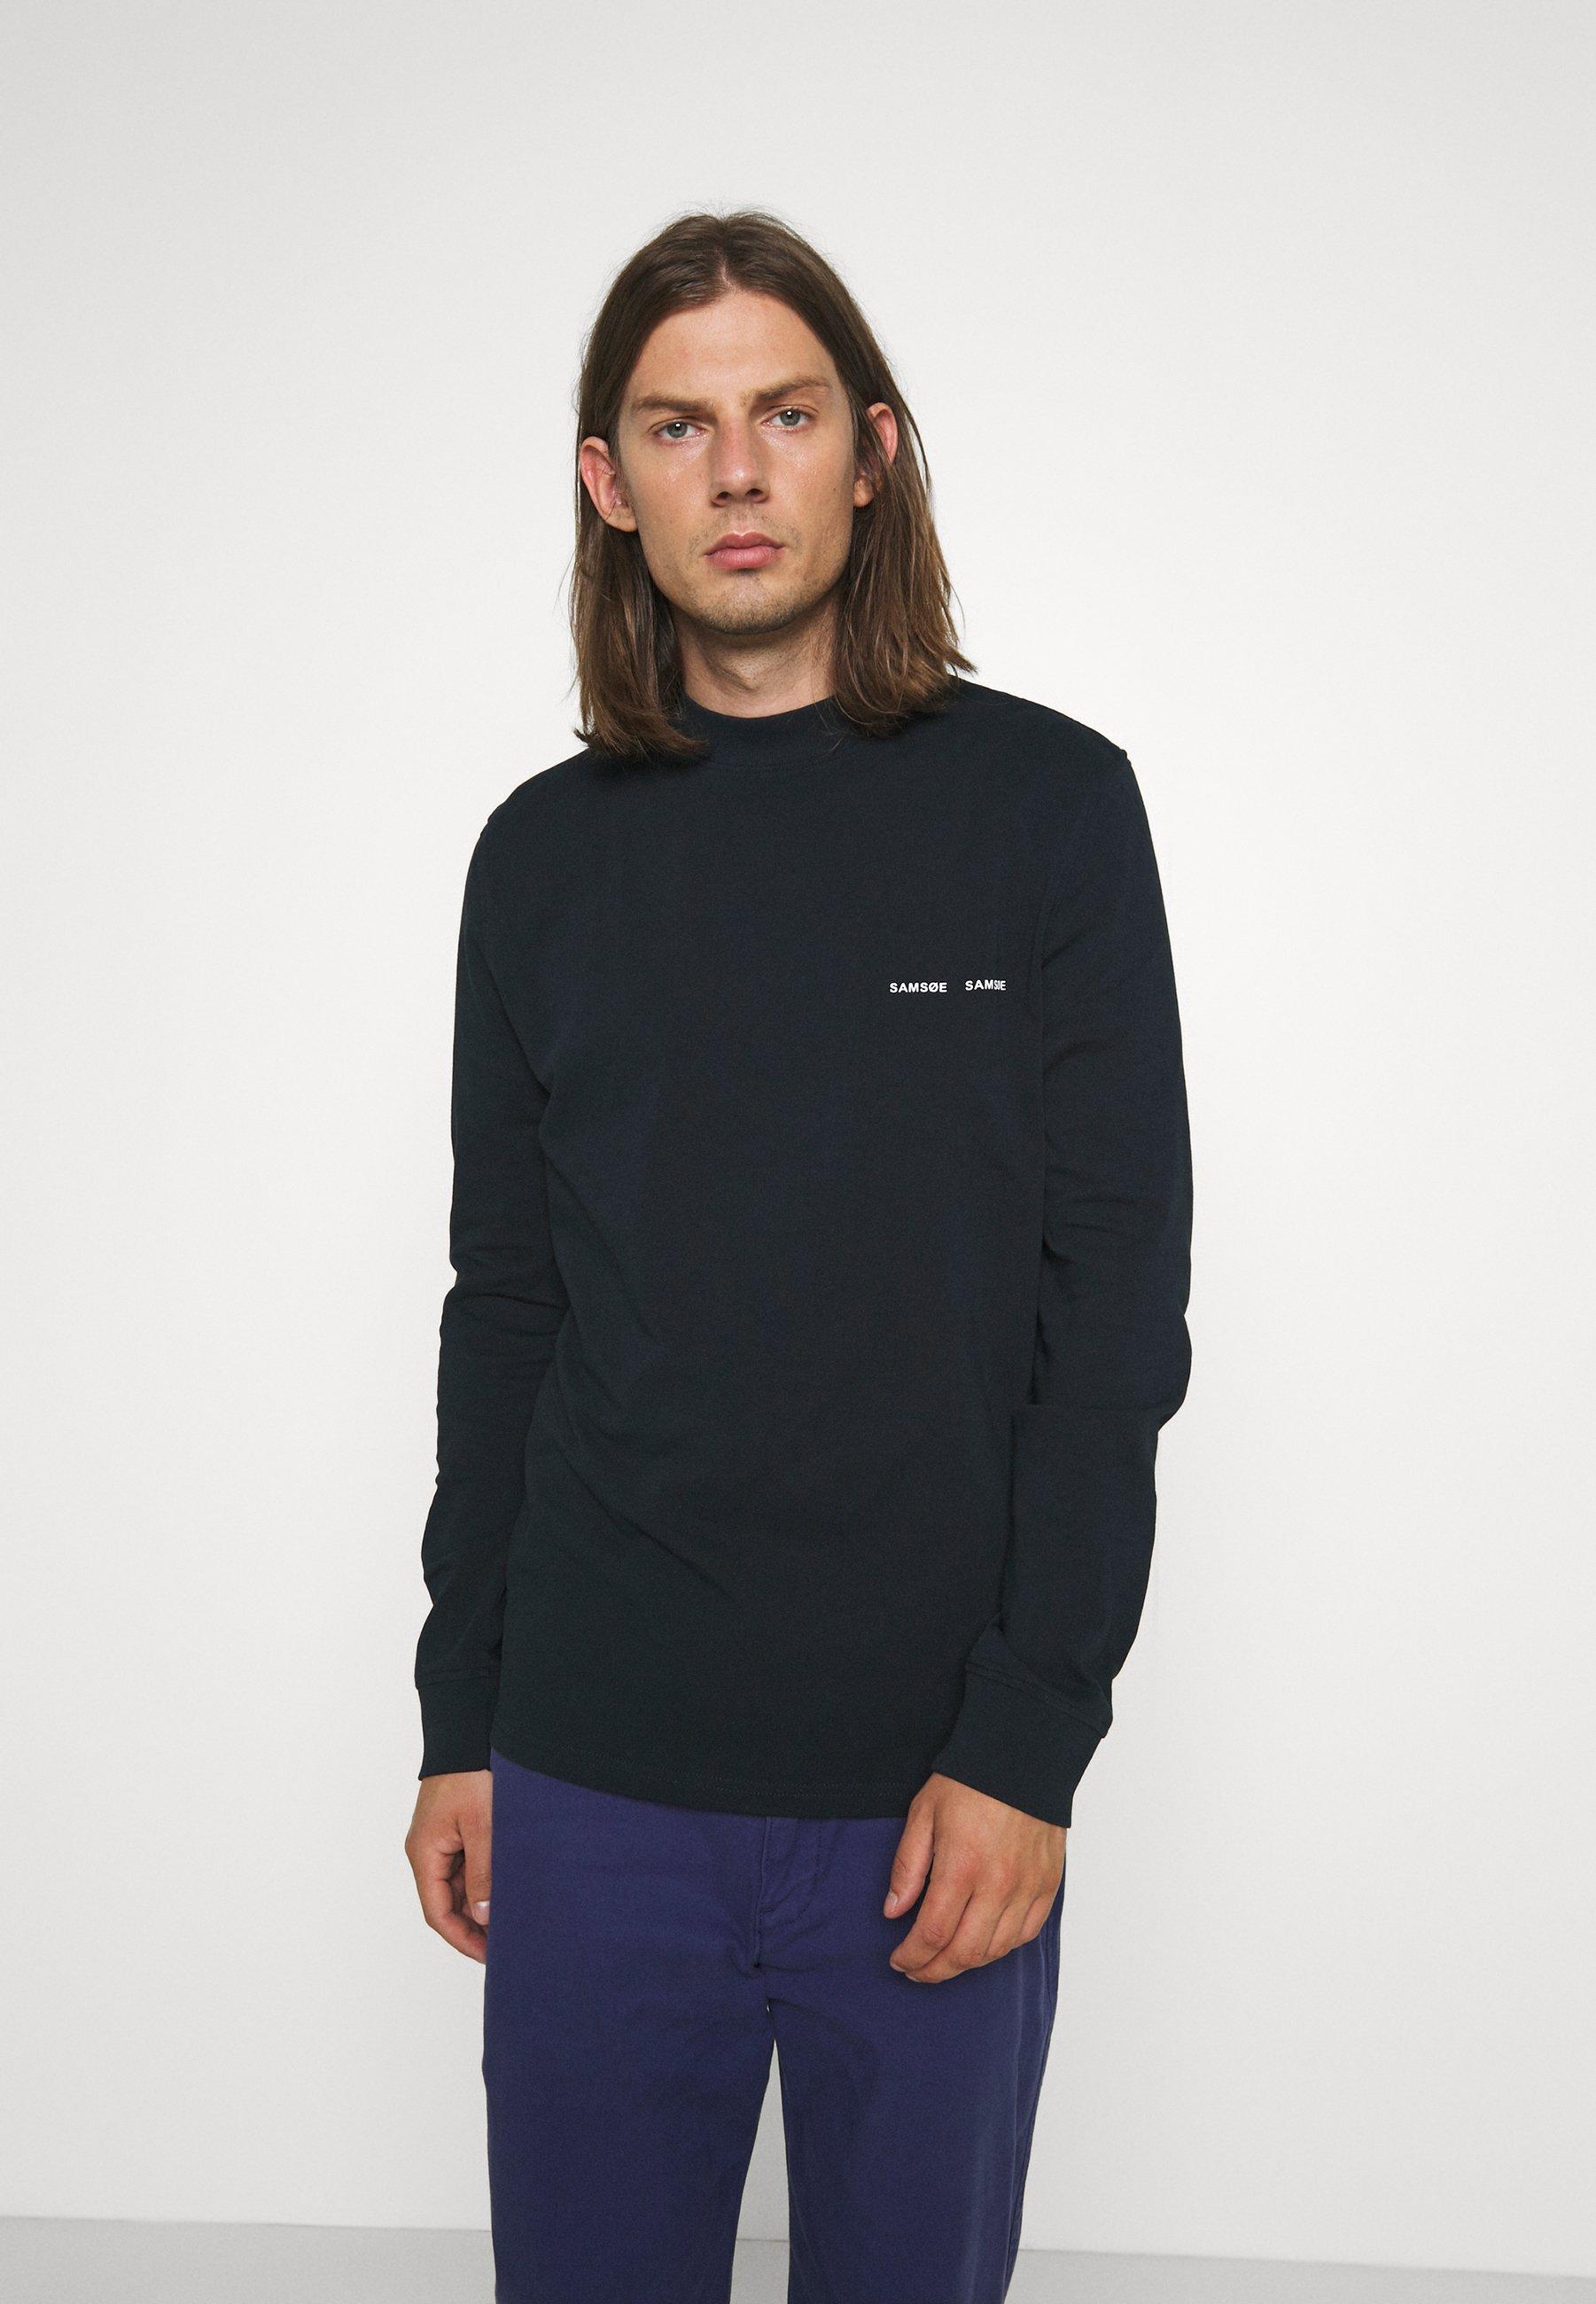 Uomo NORSBRO - Maglietta a manica lunga